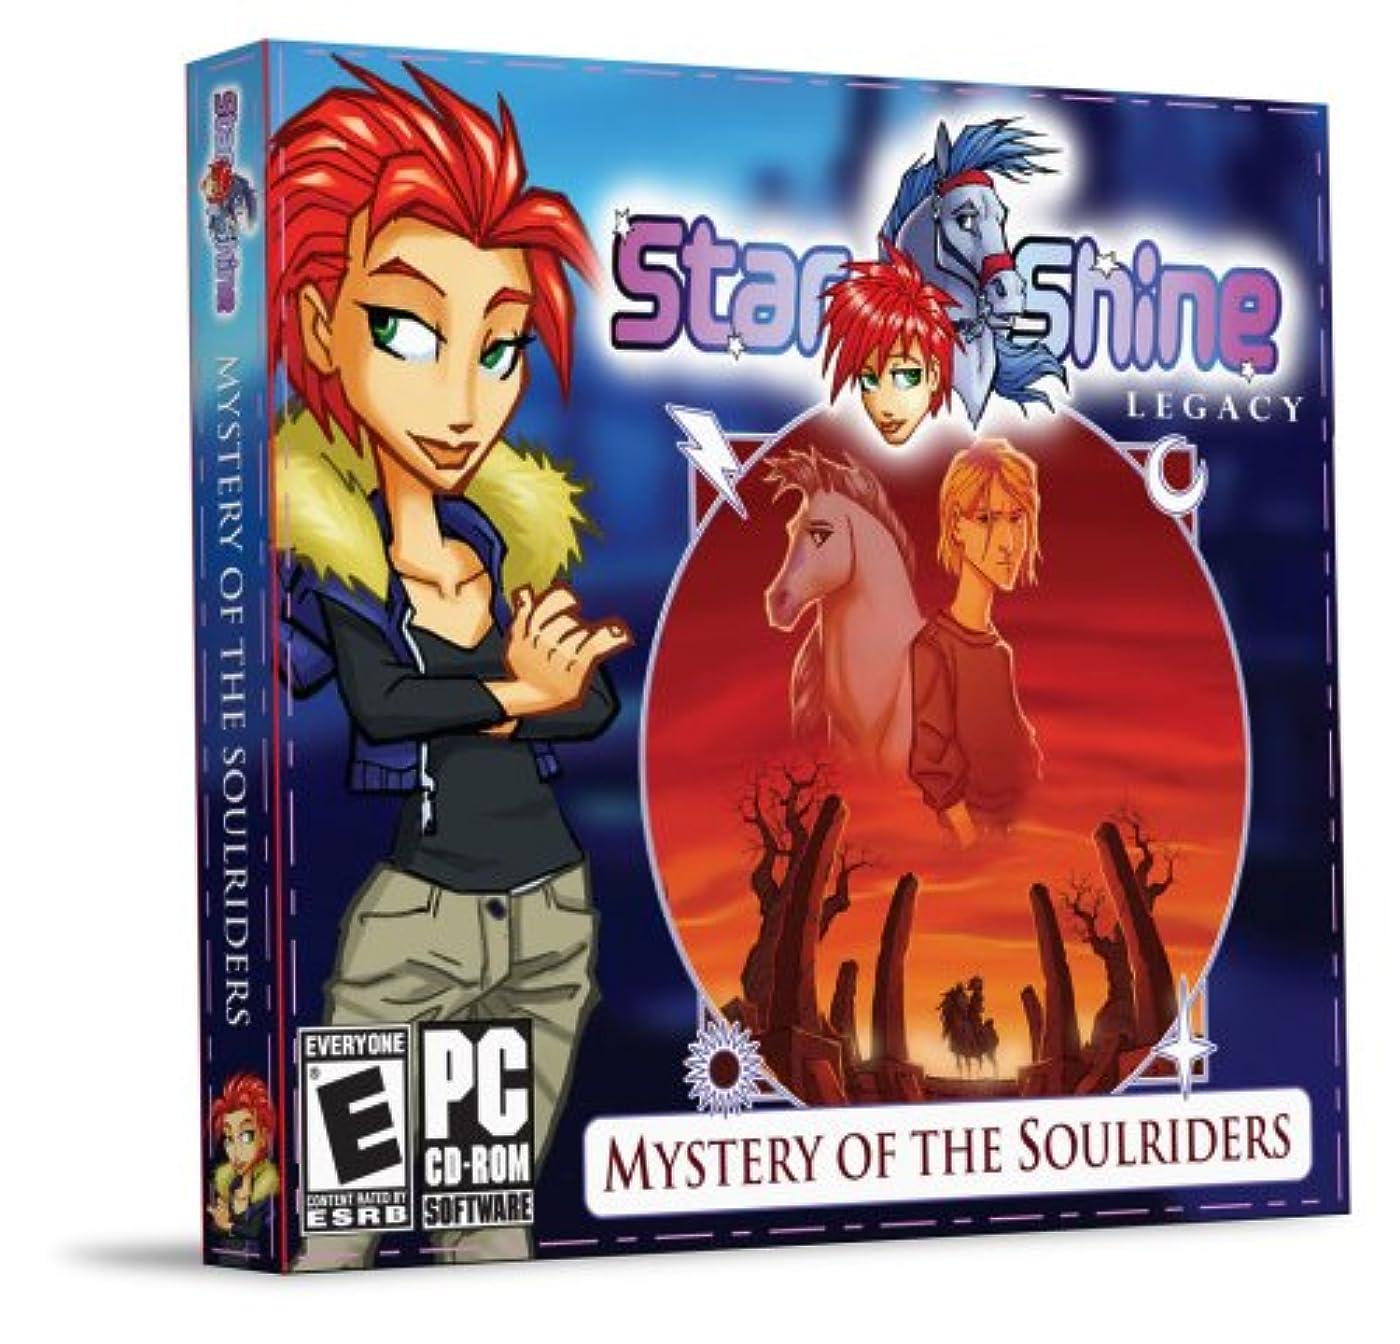 残り物それによって爬虫類Starshine Legacy 1: Mystery of the Soulriders jc (輸入版)